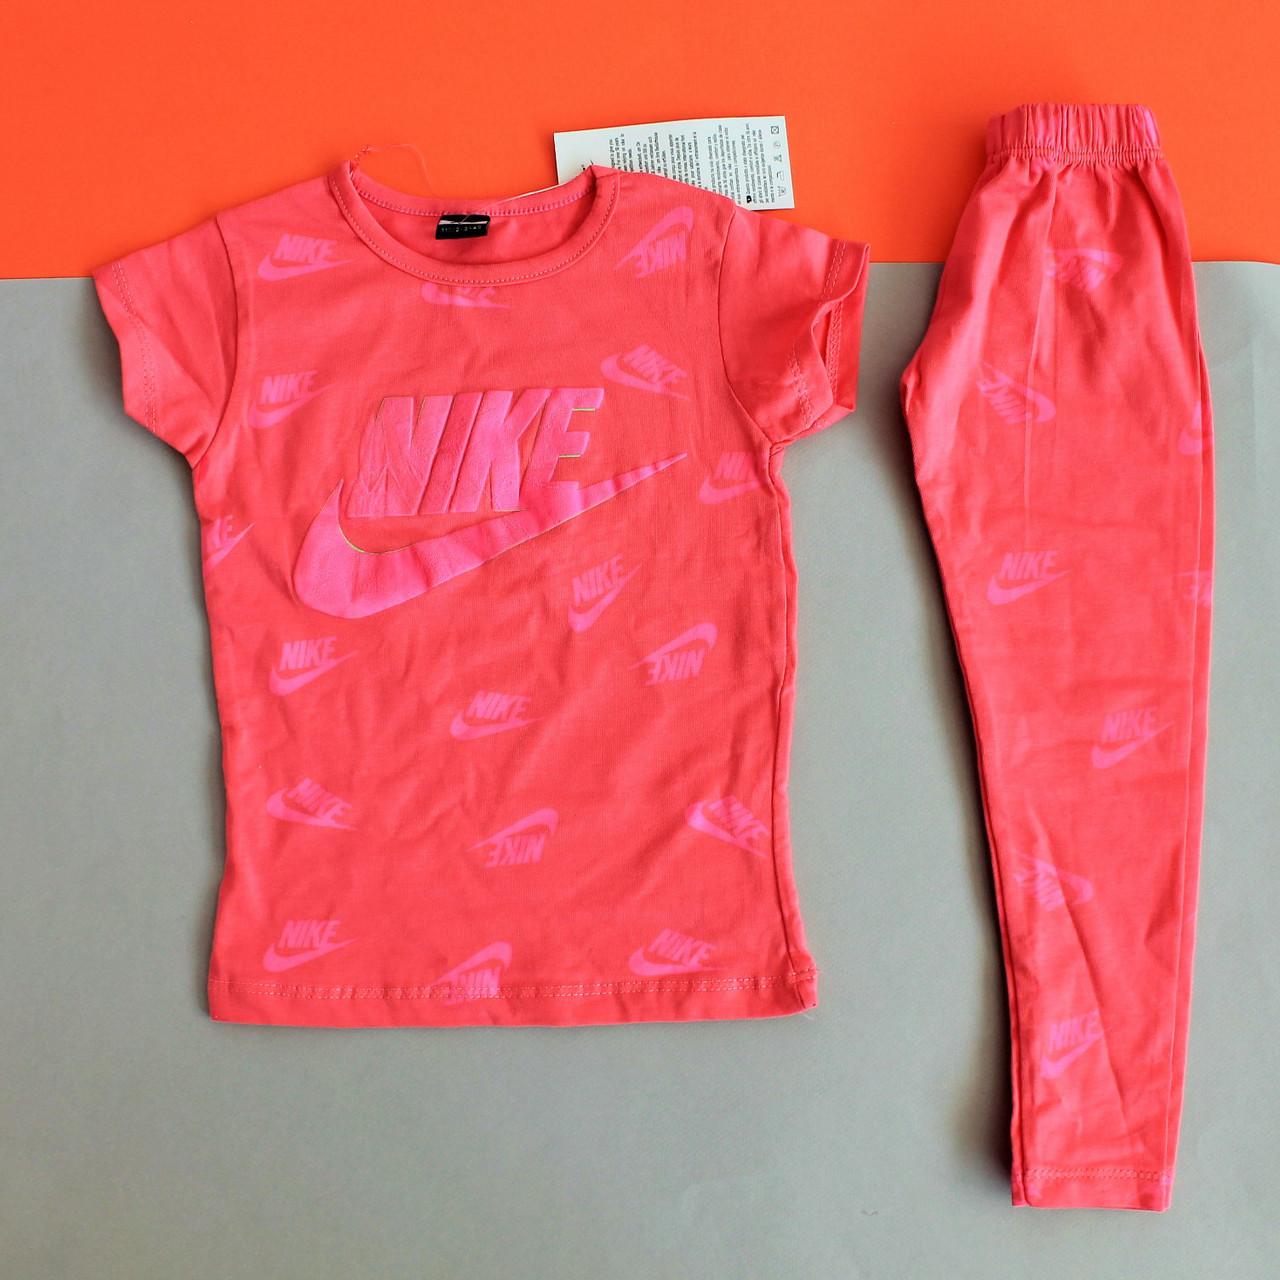 de41b109 Футболка и лосины NIKE девочке размер 2,7 лет - Style-Baby детский магазин